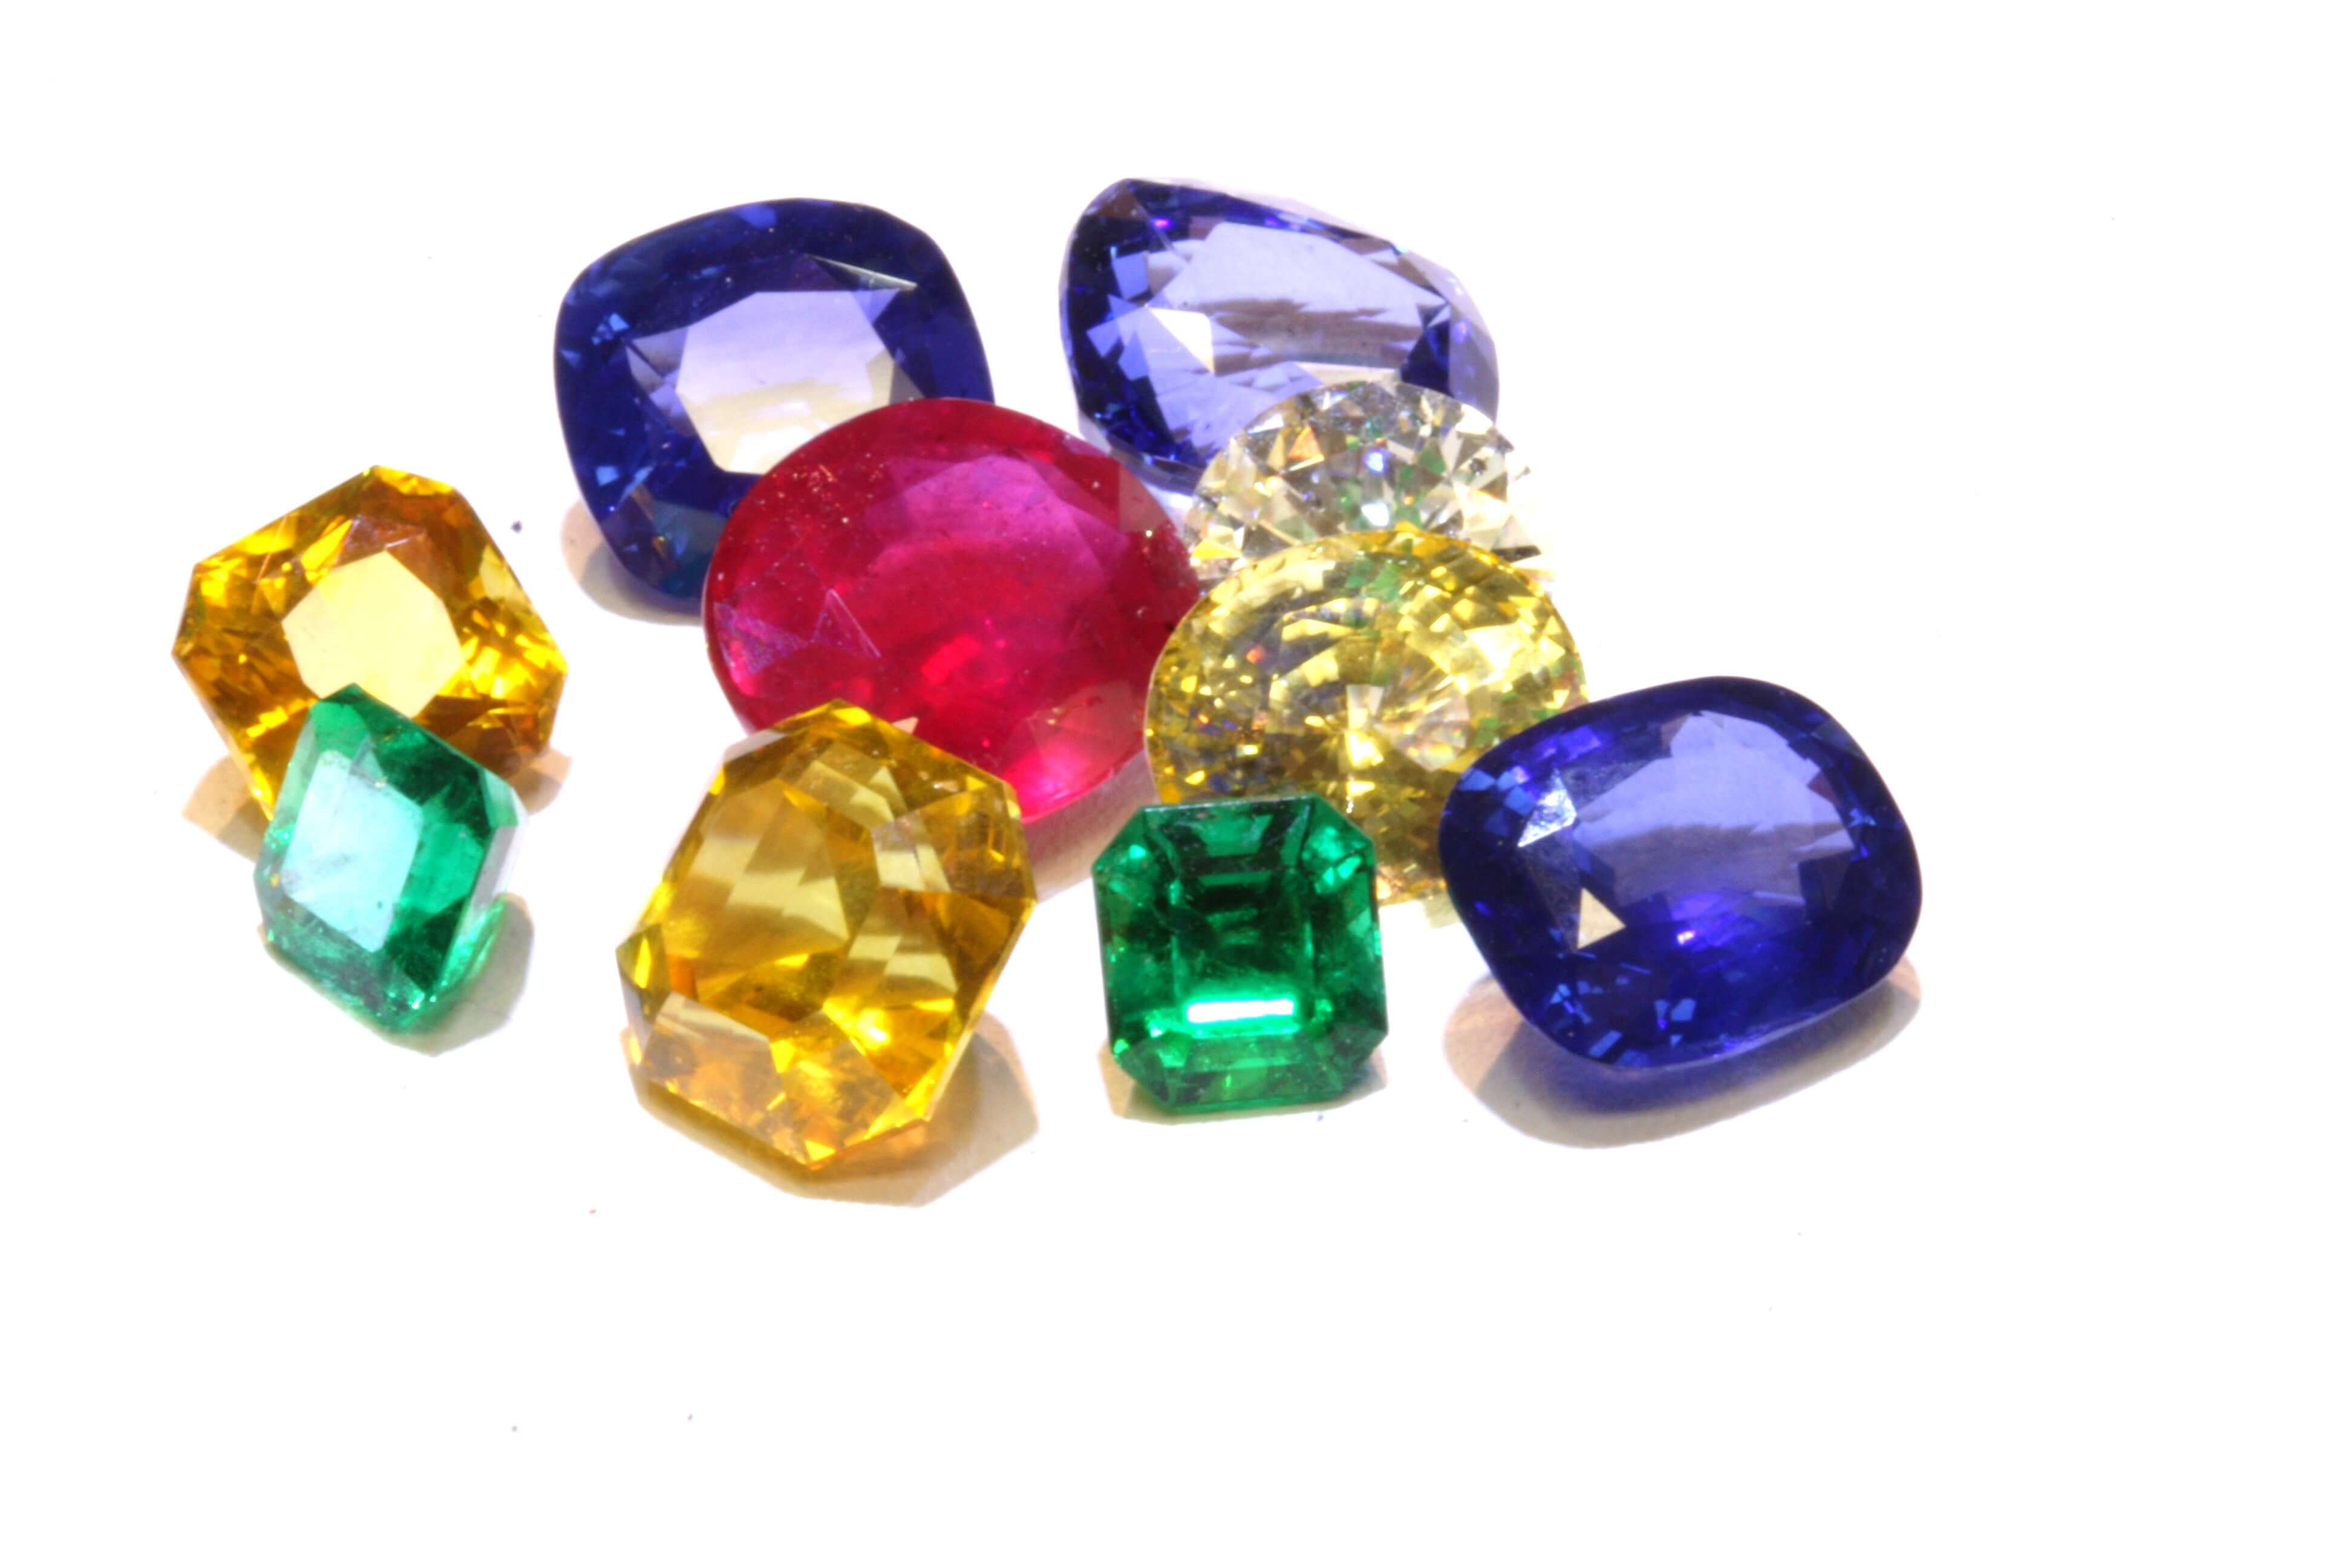 donde comprar piedras preciosas